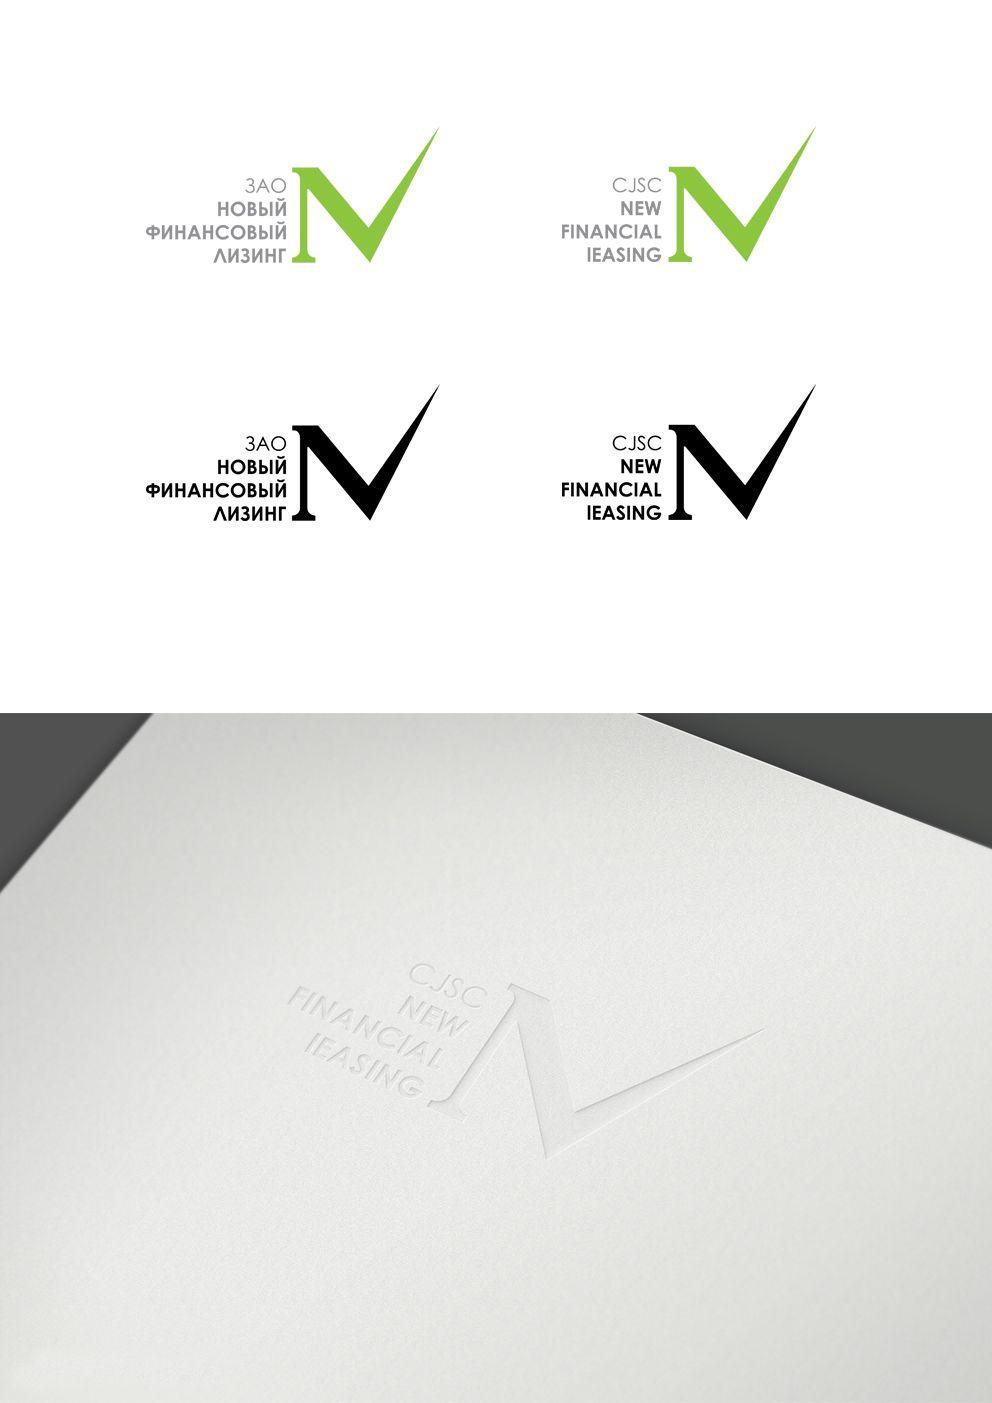 Фирменный стиль для лизинговой компании - дизайнер Belonzo925